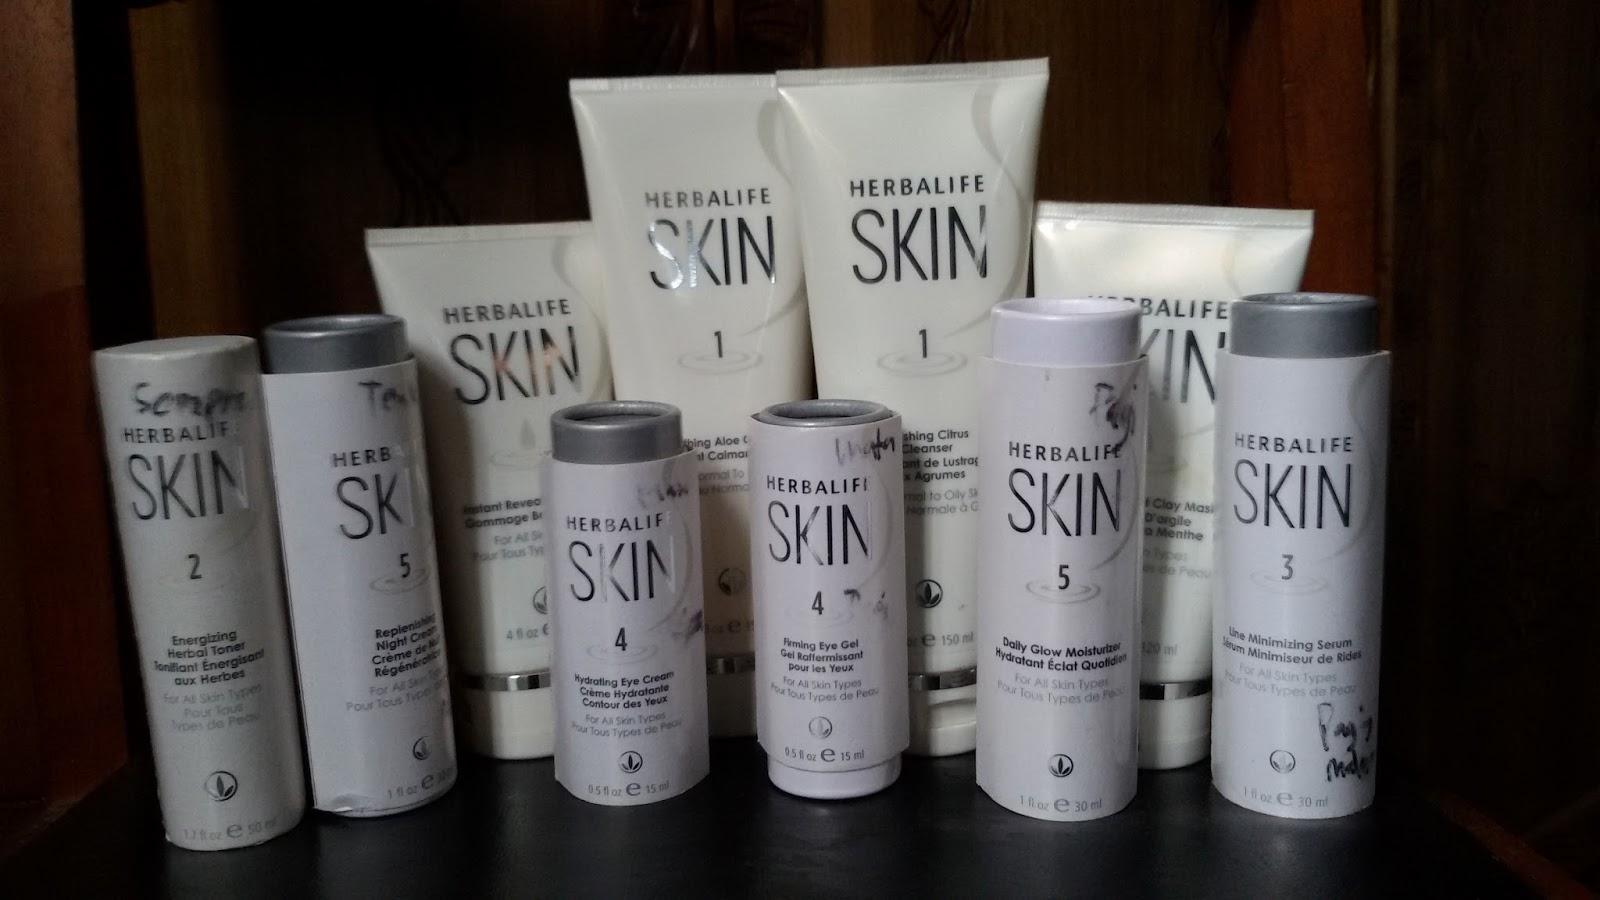 Care herbal life product skin - Sejak Saat Itu Produk Produk Teronggok Begitu Saja Hal Ini Ga Aku Biarin Begitu Aja Harganya Nan Mahal Pasti Produknya Juga Bagus